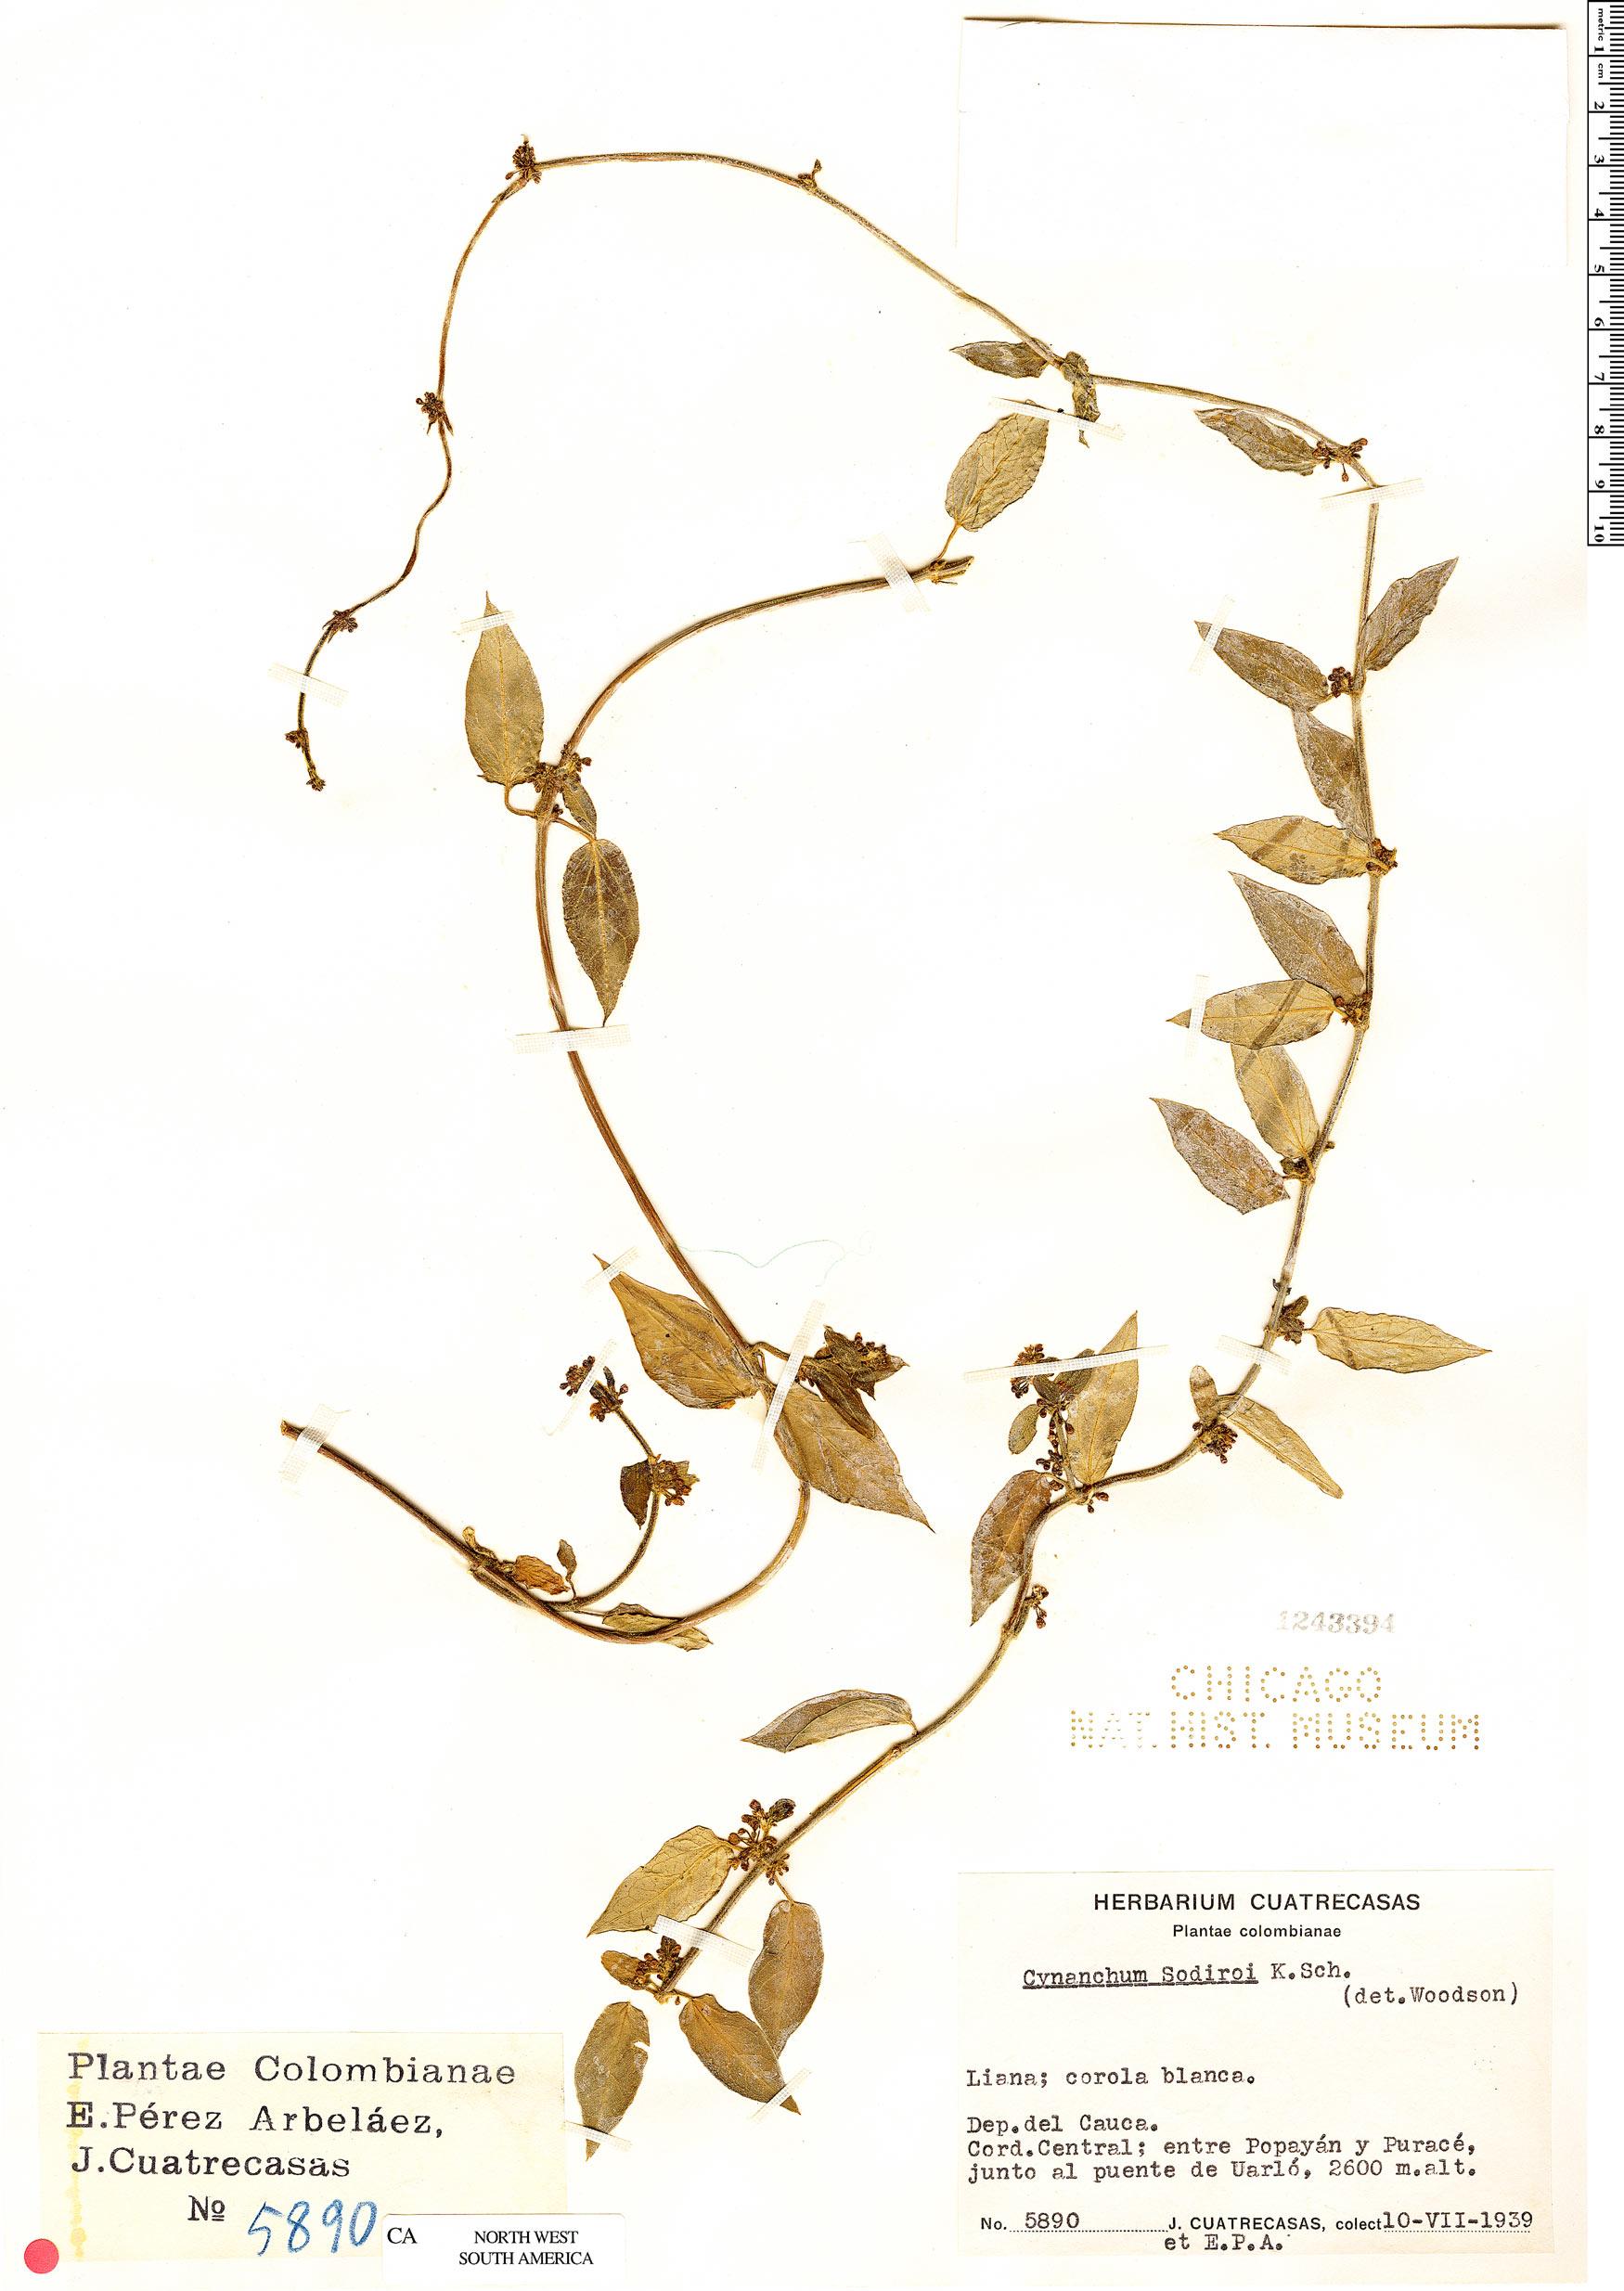 Specimen: Cynanchum sodiroi